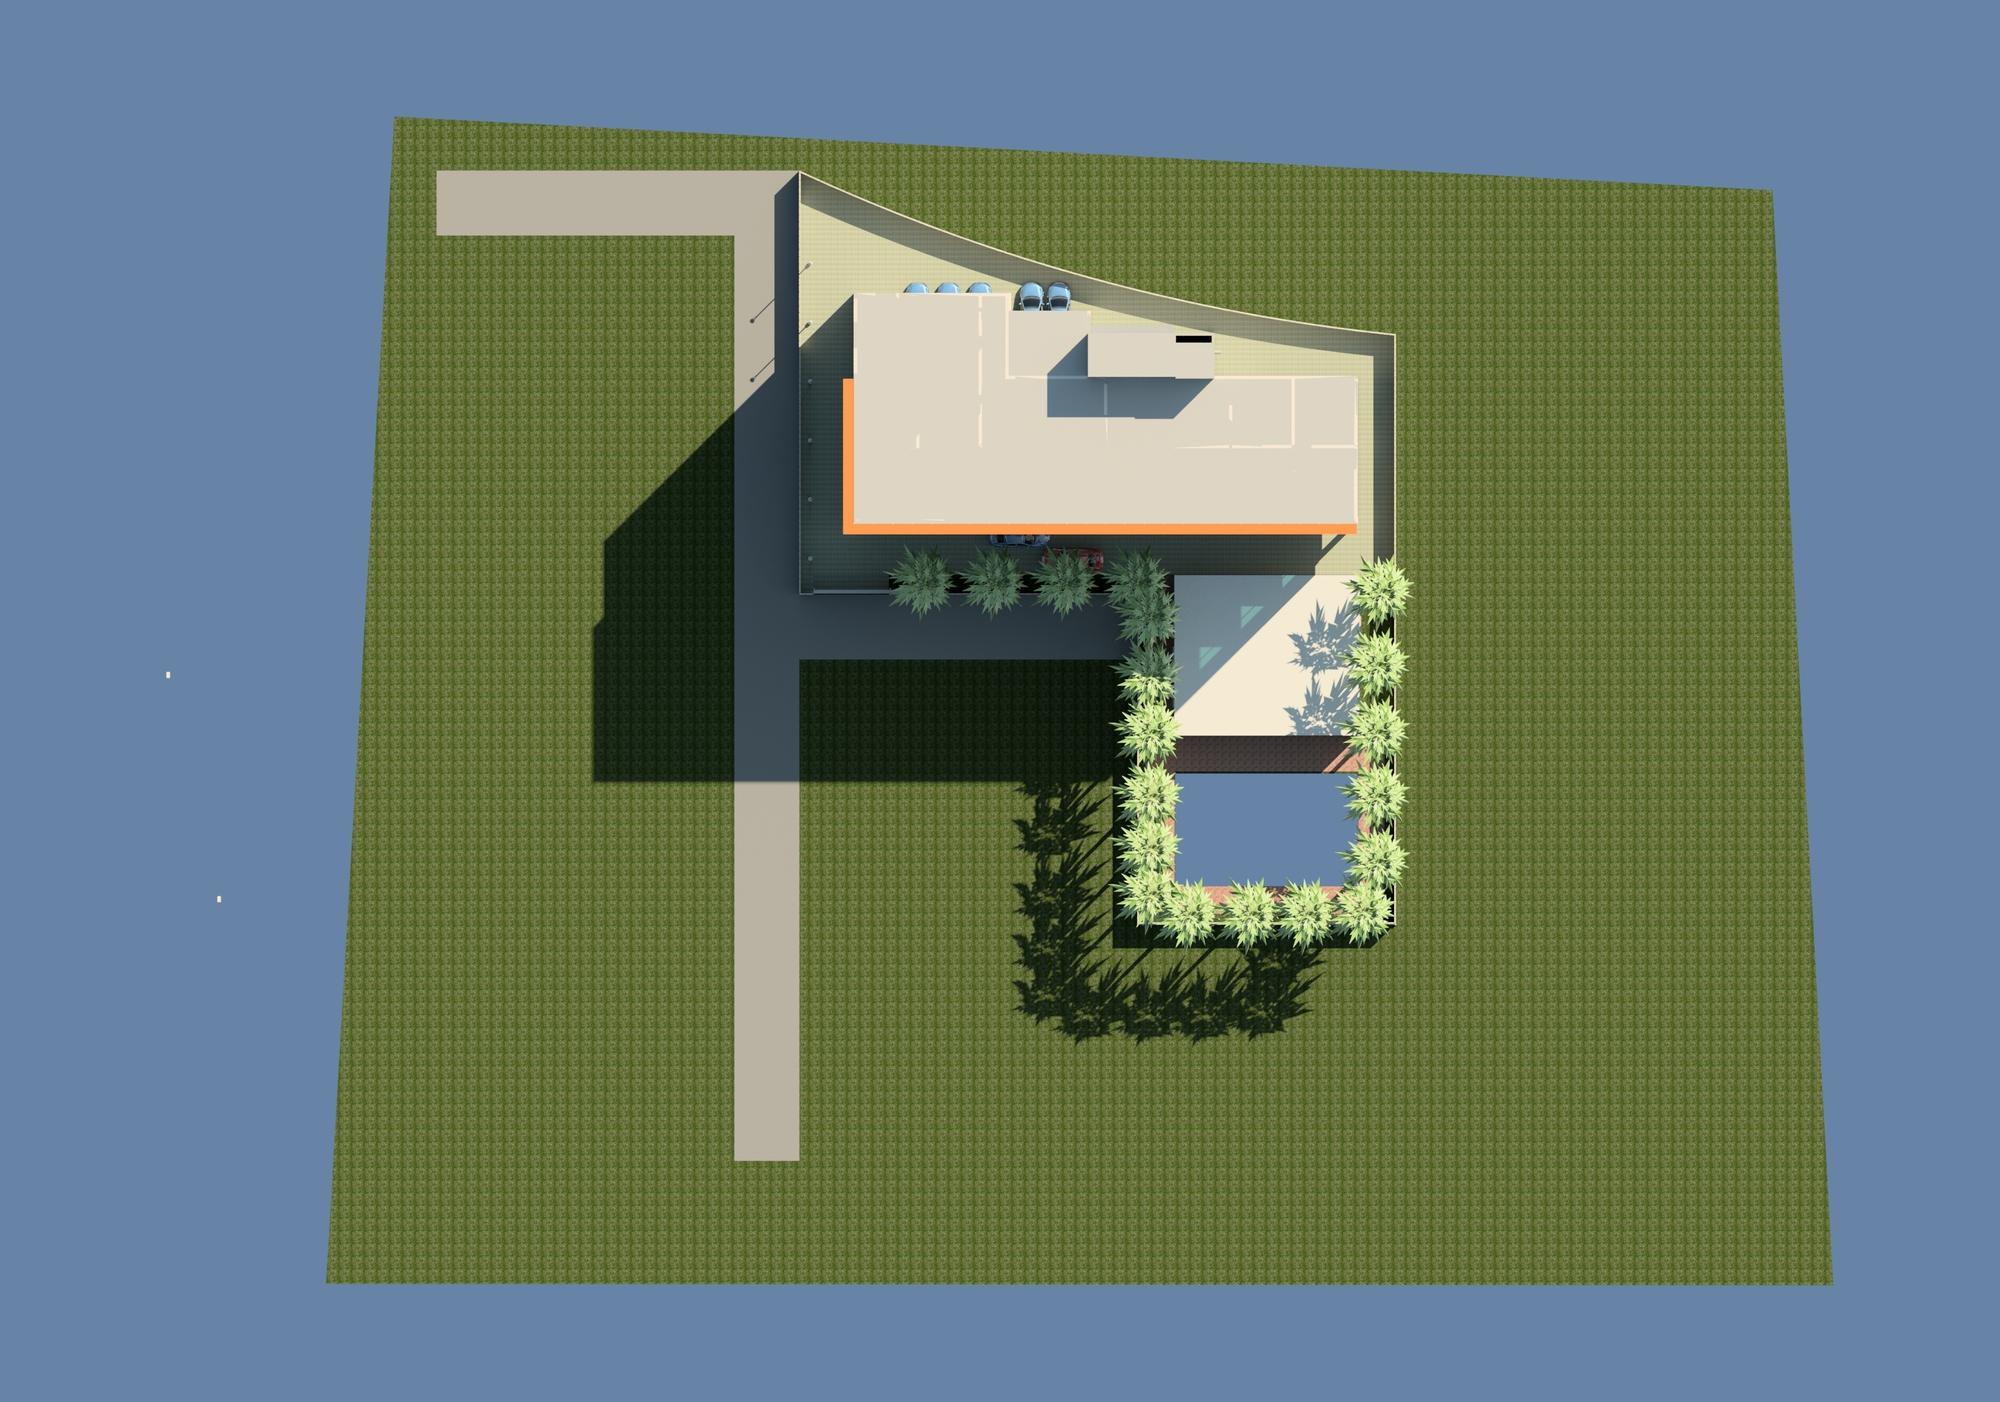 Raas-rendering20141111-24760-1c33kwh